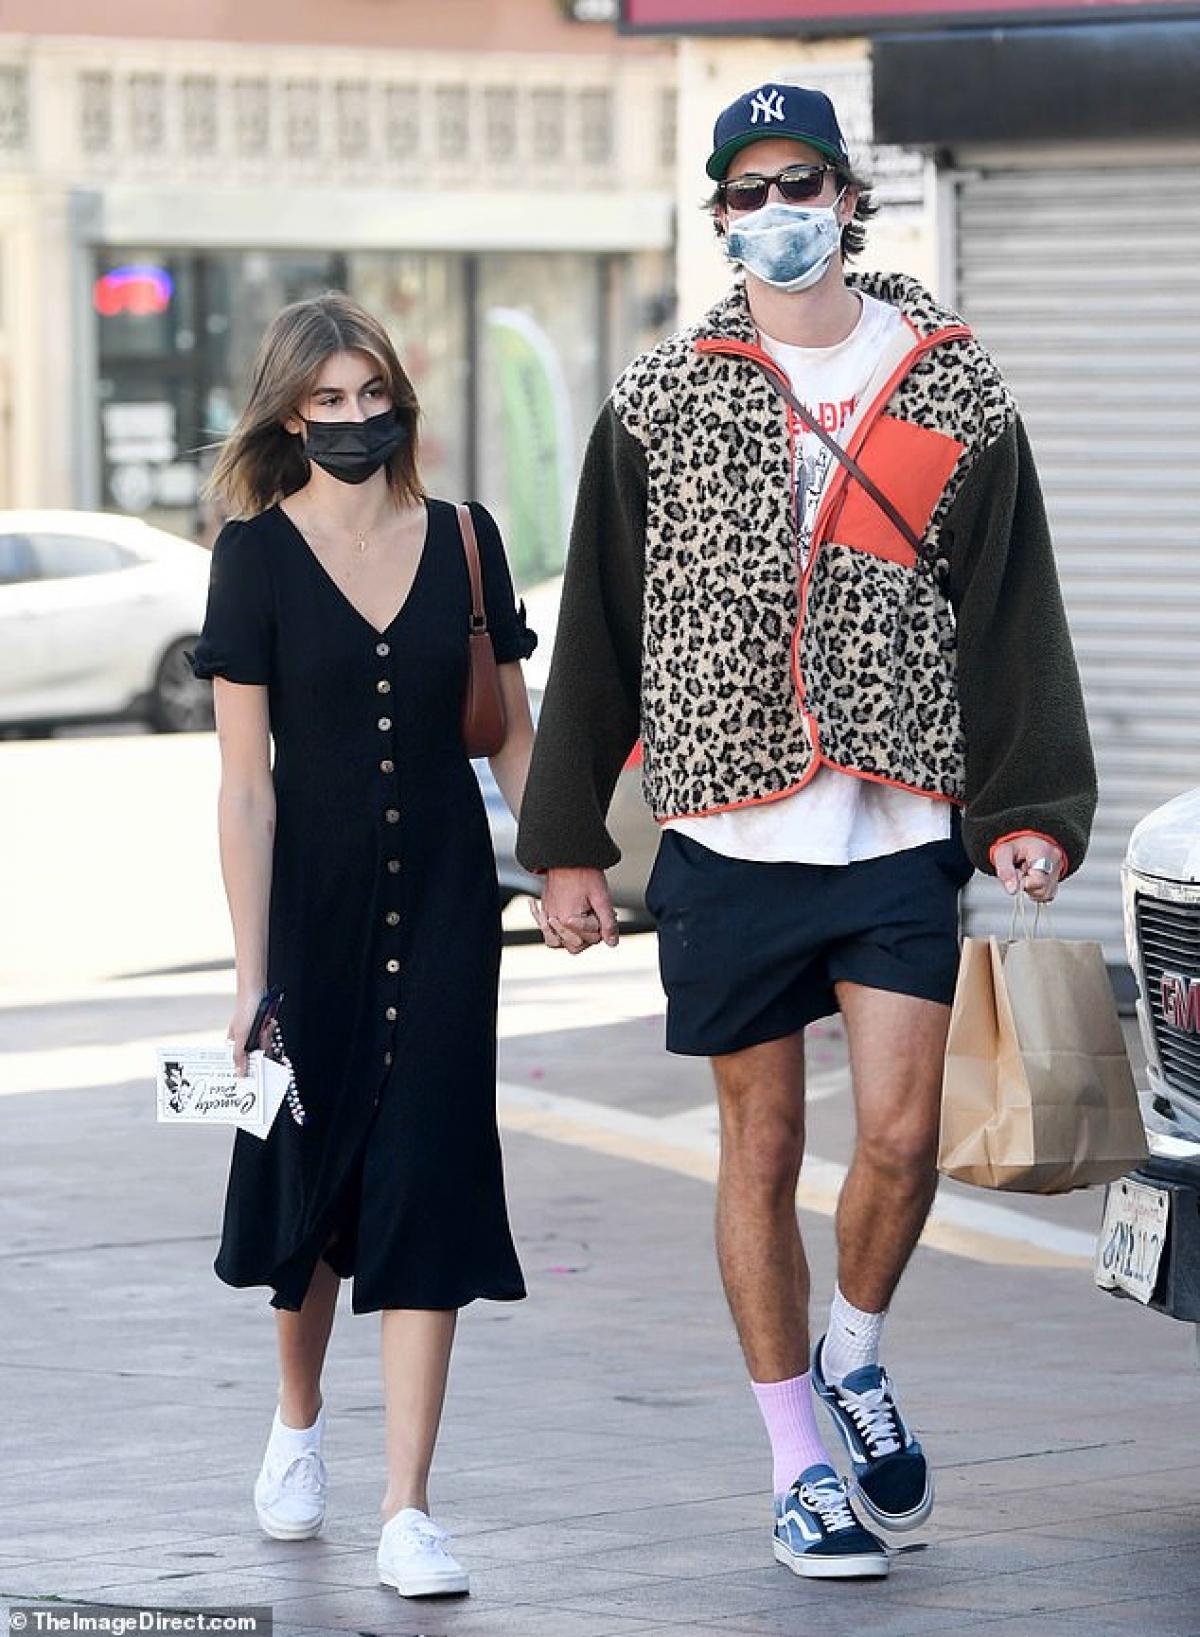 Cặp đôi tay trong tay sánh bước trên phố.